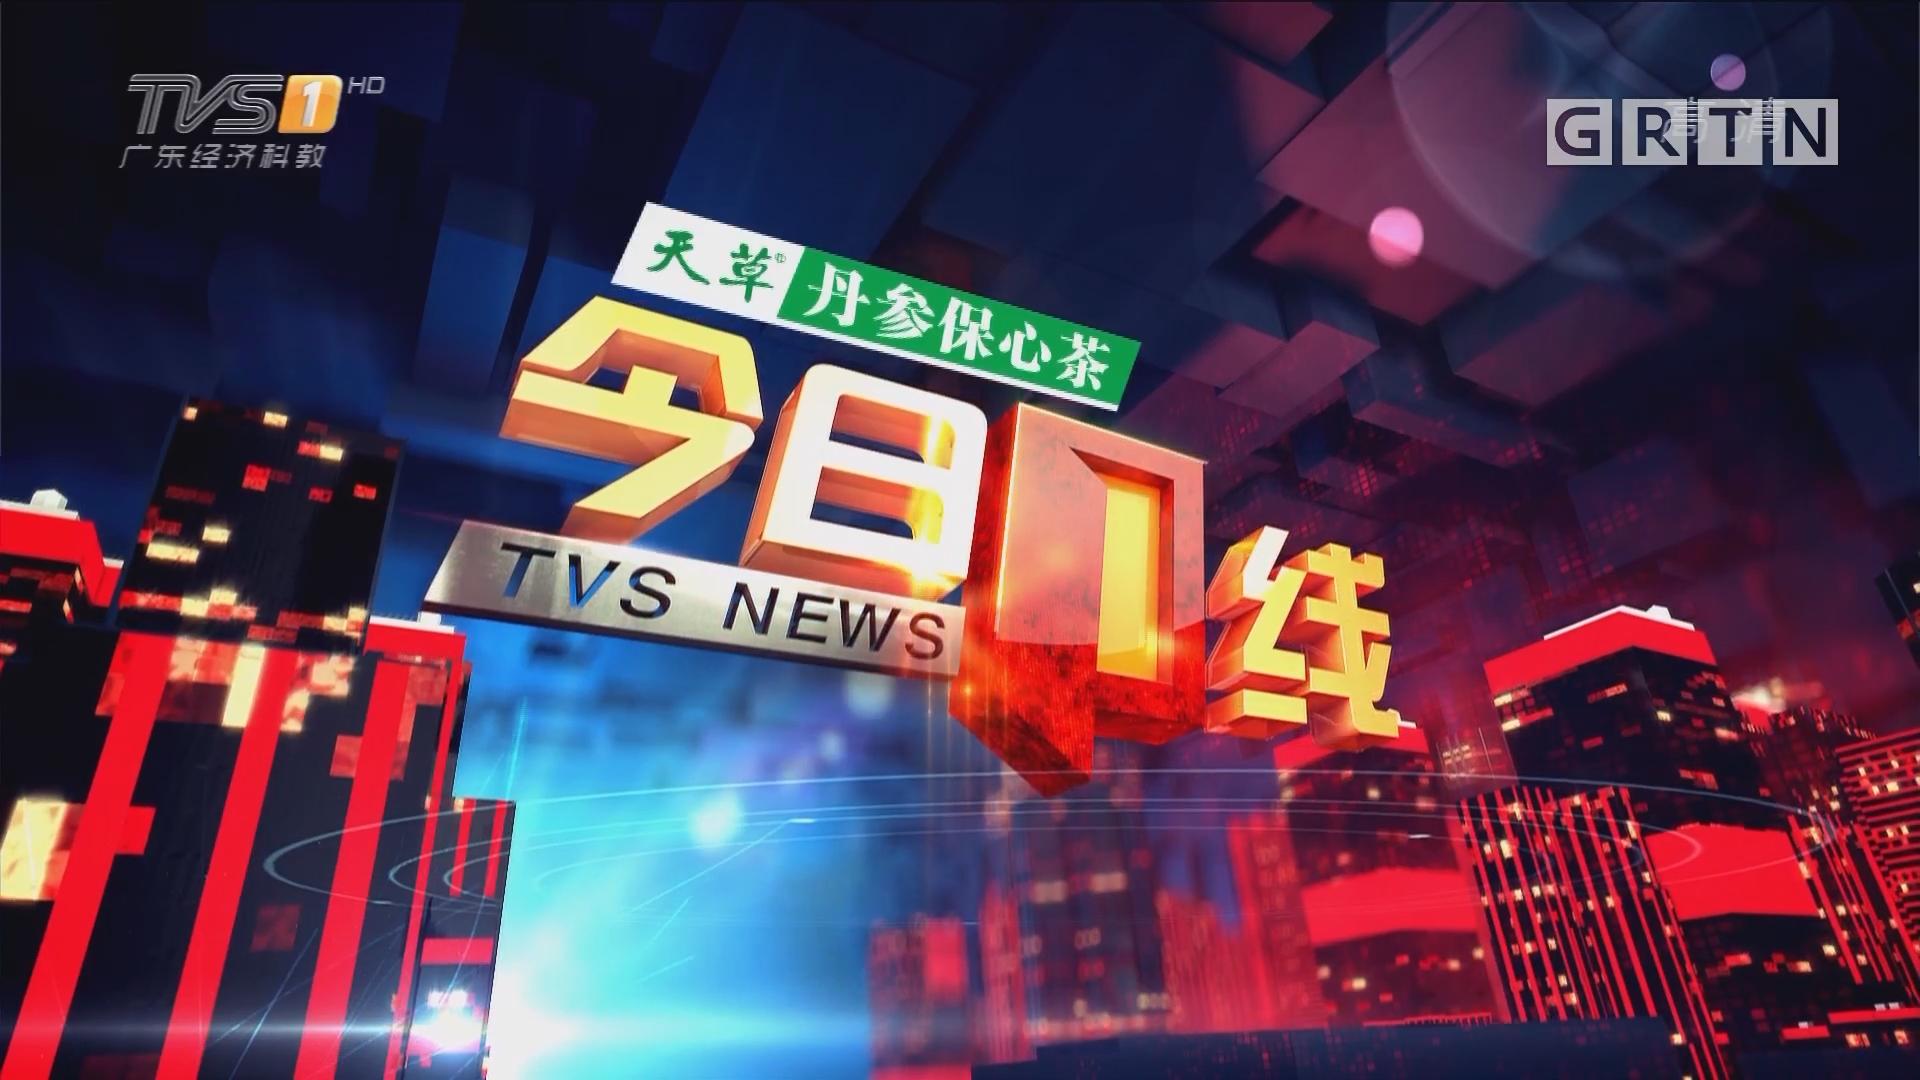 """[HD][2018-03-30]今日一线:""""二跳""""广告:今日头条""""黑勾当"""" 虚假广告专攻二三线城市"""